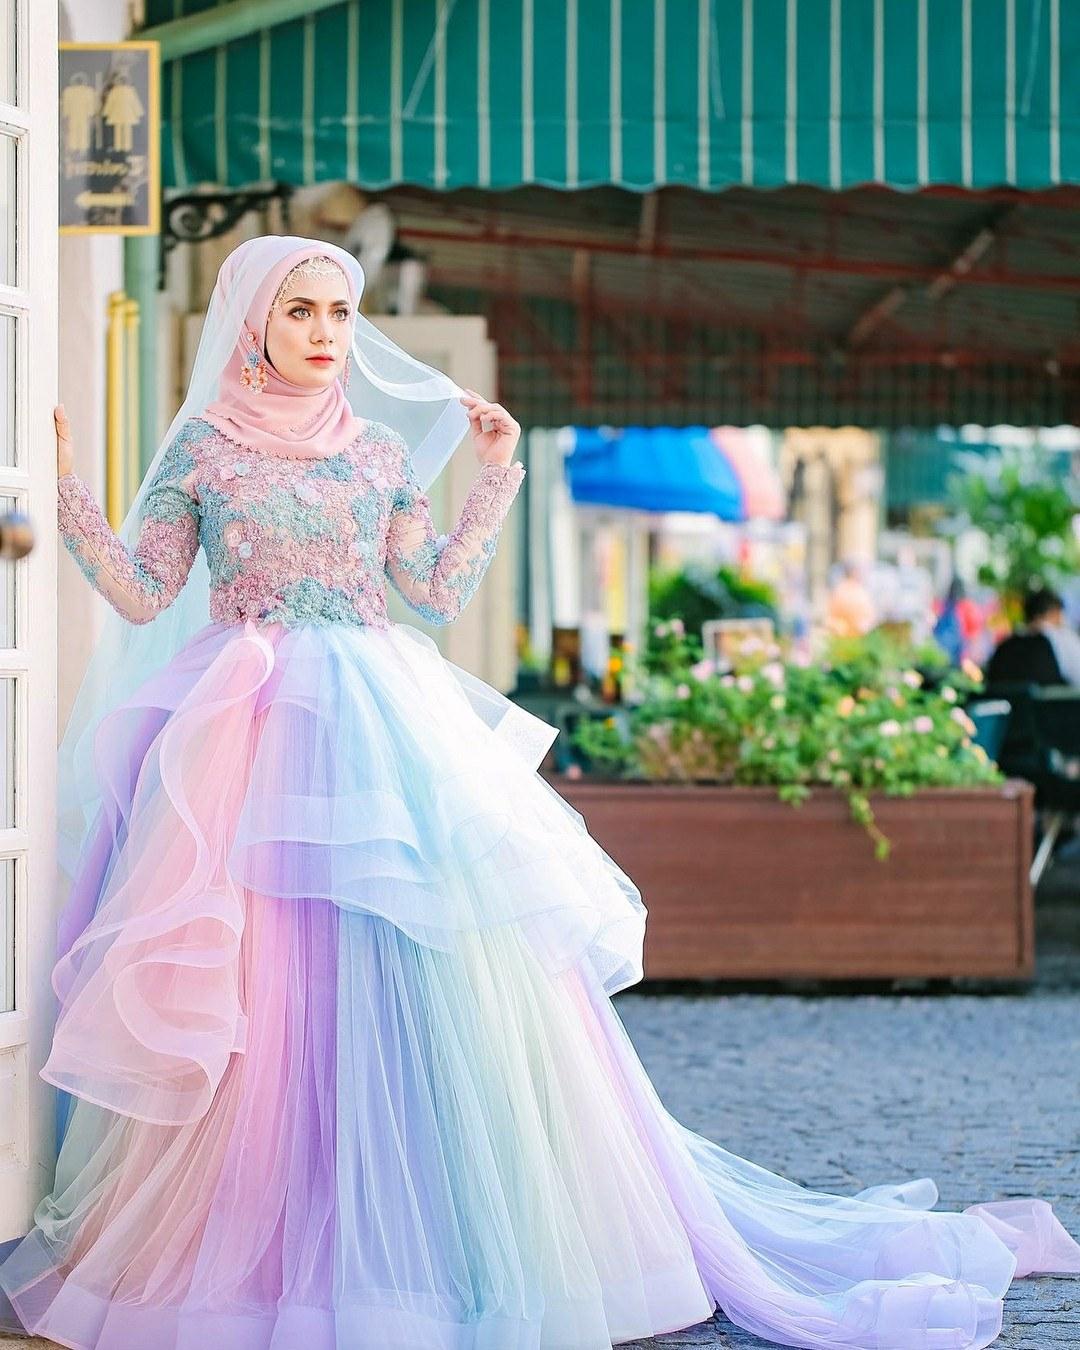 Inspirasi Gaun Pernikahan Muslimah 8ydm 34 Inspirasi Terpopuler Gaun Pengantin Malaysia